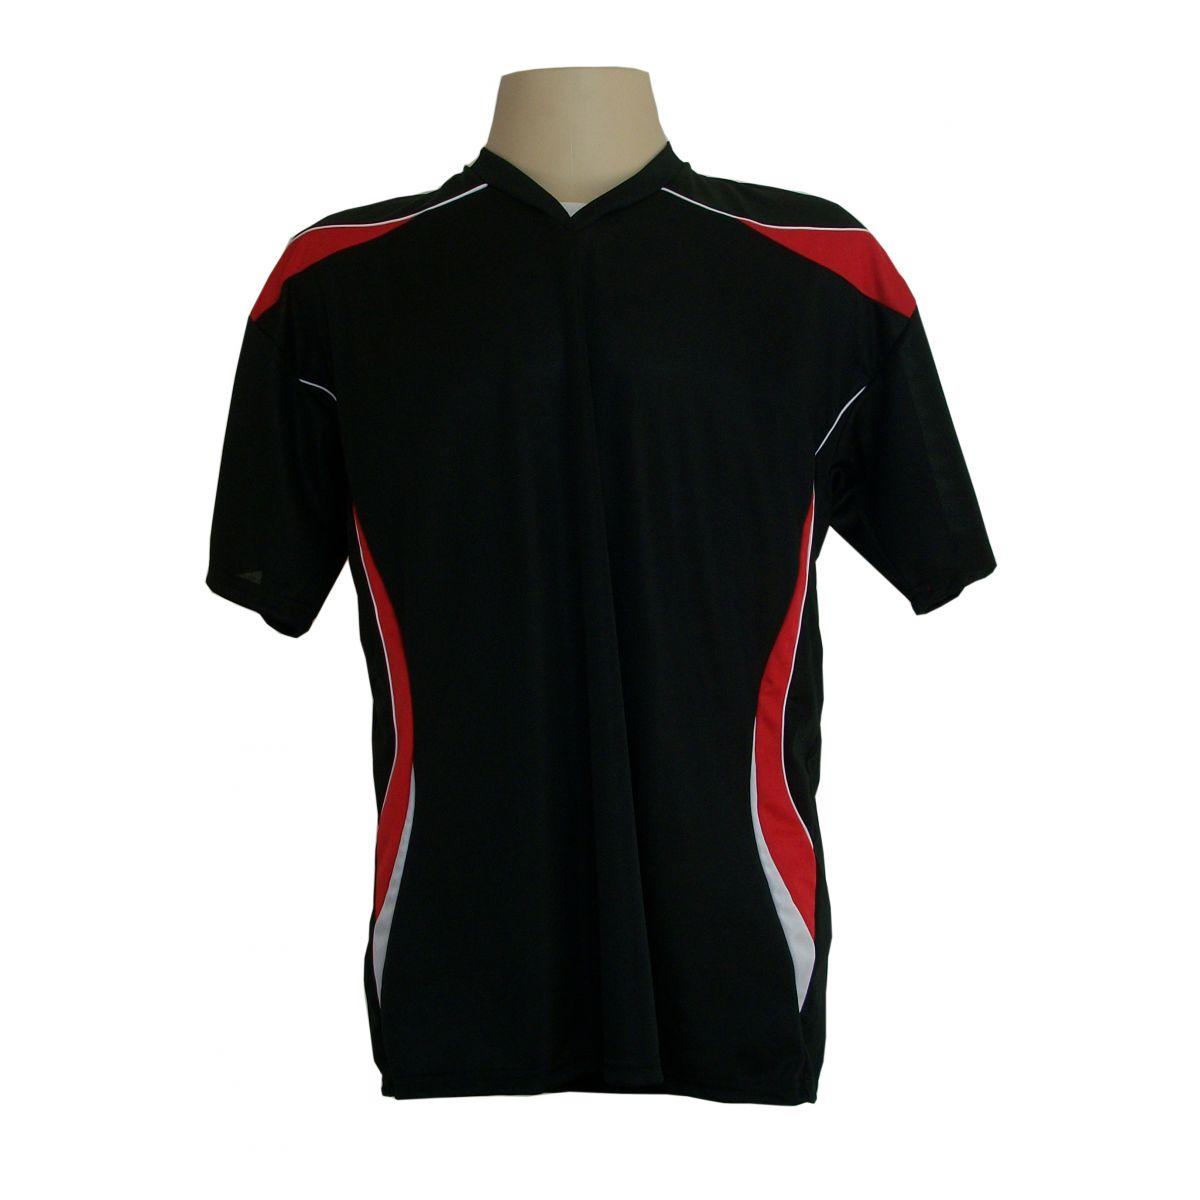 Jogo de Camisa M�naco com 18 pe�as Preto/Vermelho/Branco - Frete Gr�tis Brasil + Brindes